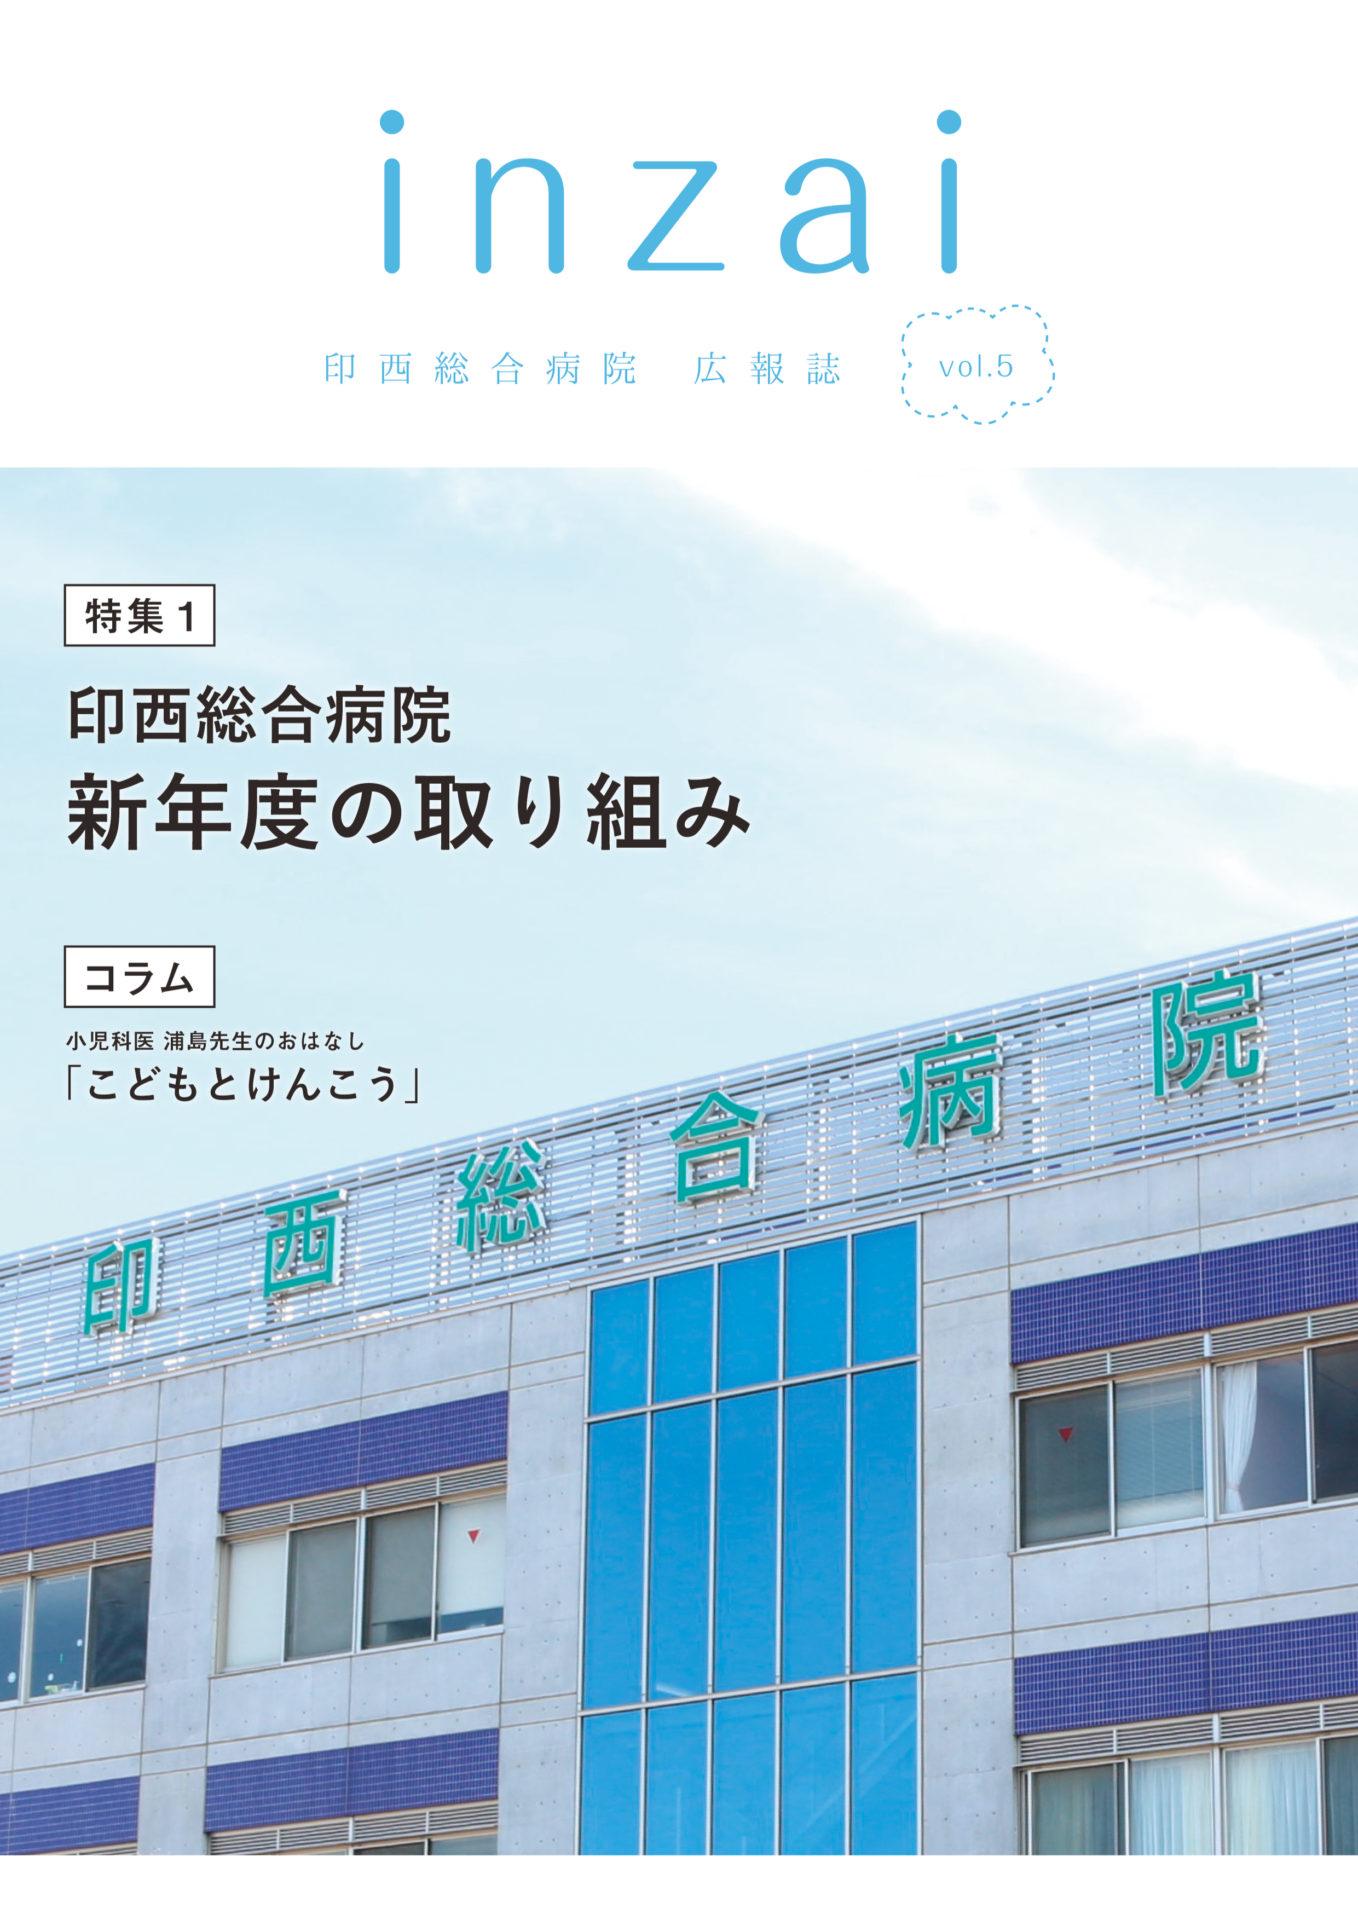 さくら 広報誌「inzai」 vol.5